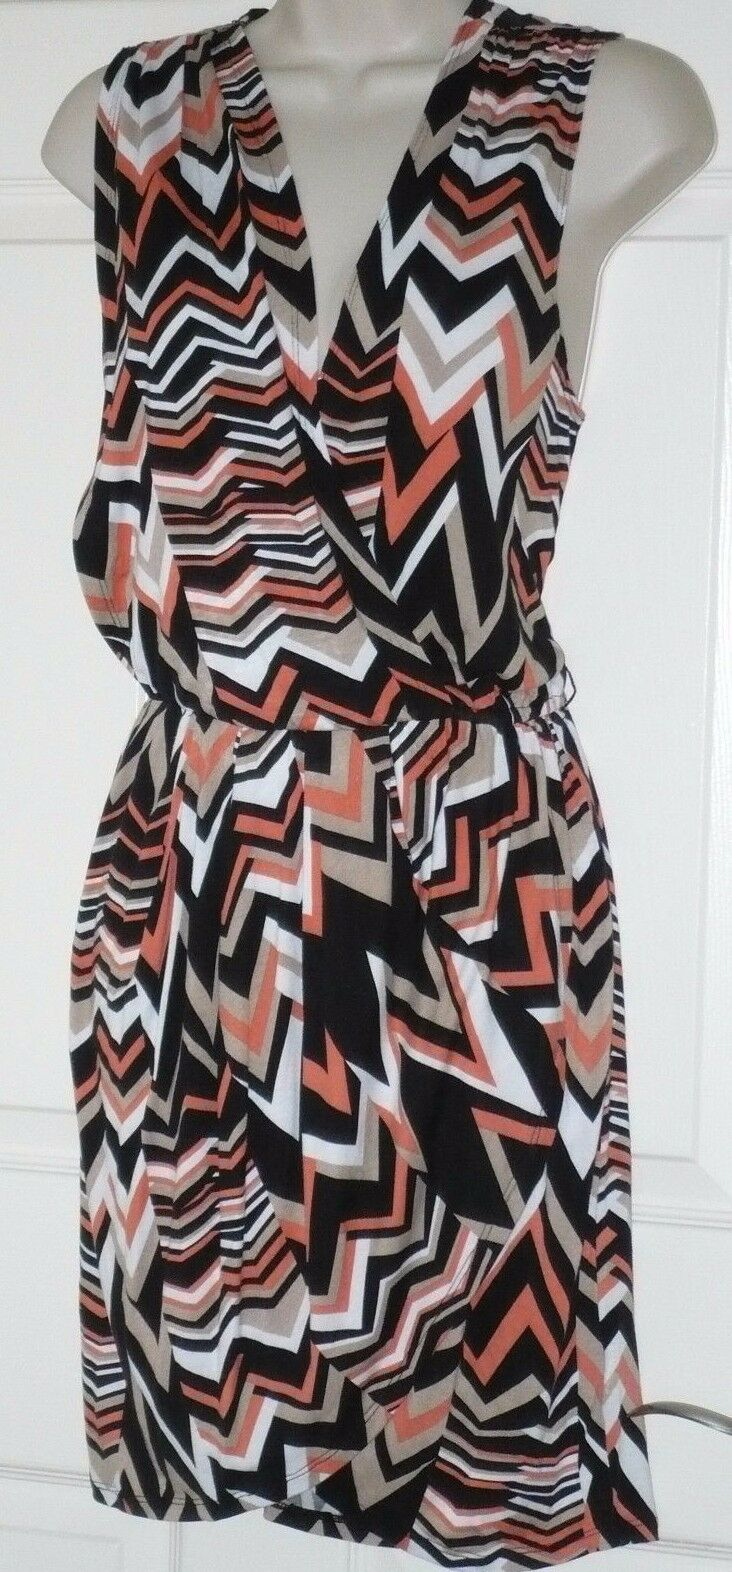 BEBE Zanzibar Queen Ziggy Surplice Printed dress, XS, new with tags, great buy